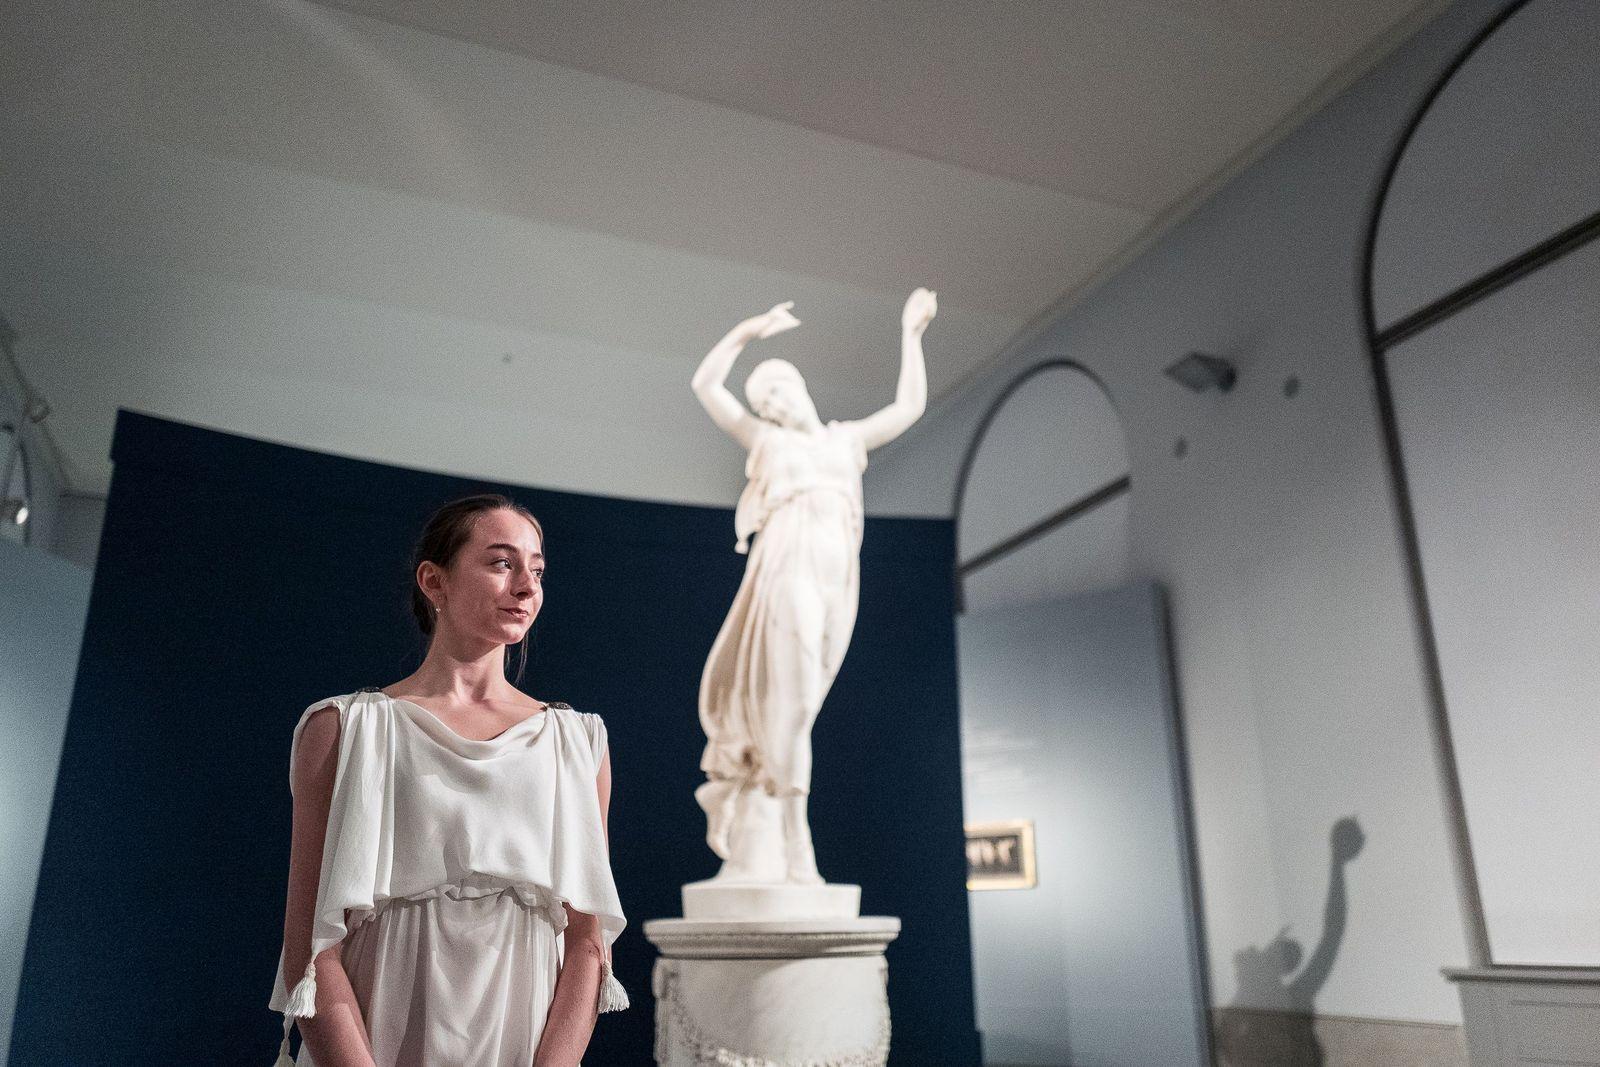 """Alicia Ruben, Tänzerin beim Staatsballett Berlin, vor Antonio Canovas """"Tänzerin"""". Foto: Christoph Neumann, www.christoph-neumann.com"""